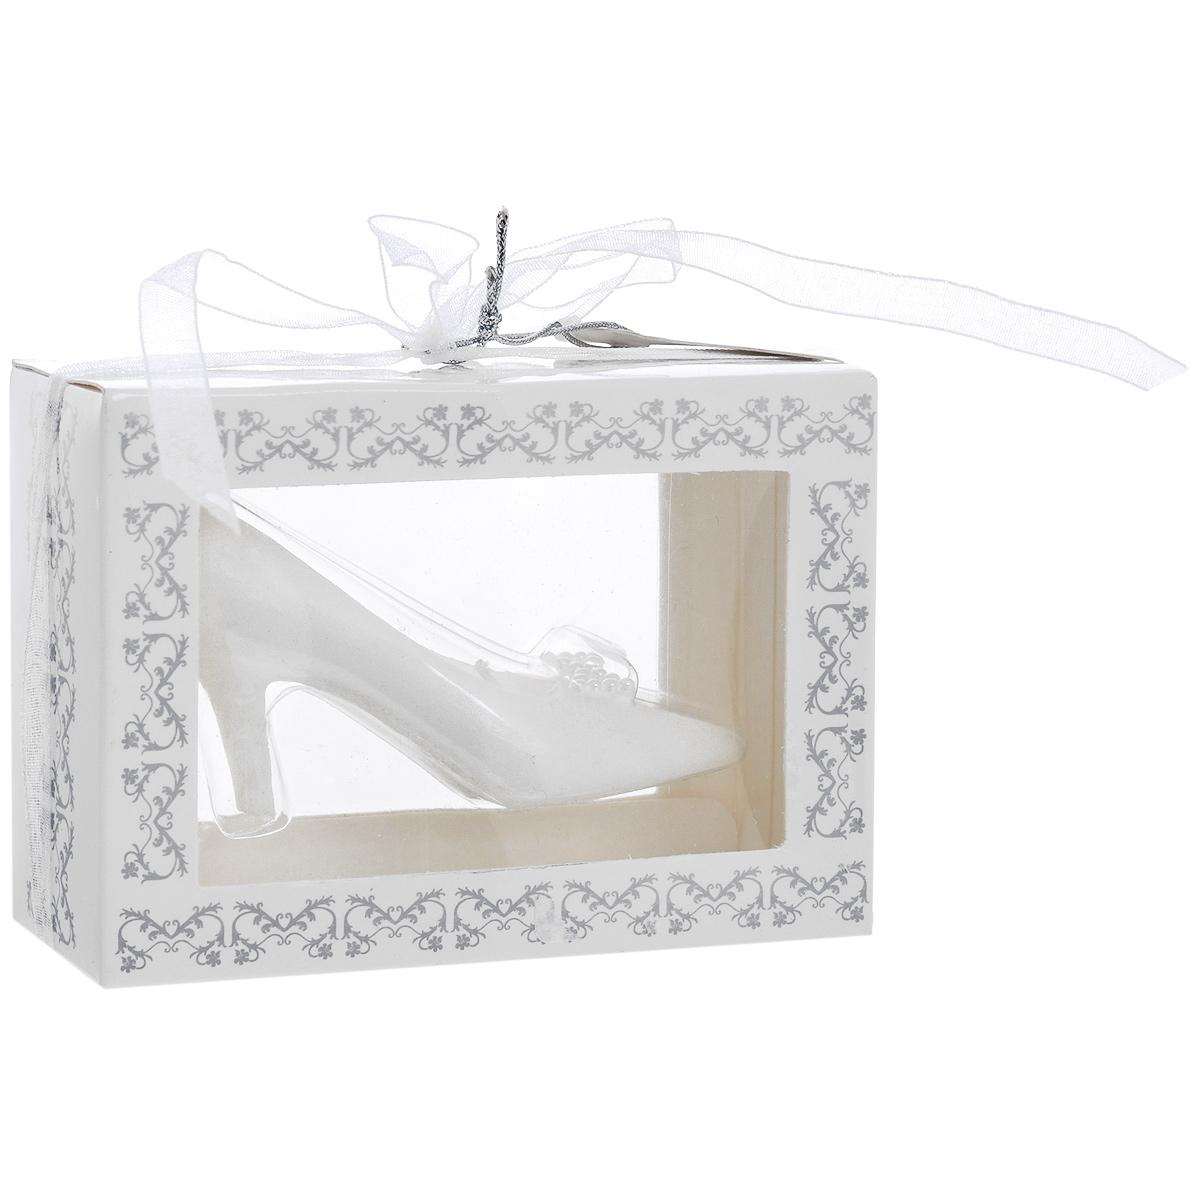 Свеча декоративная Туфелька, цвет: белыйES-412Декоративная свеча выполнена из белого парафина в виде туфельки. Свеча будет вас радовать и достойно украсит интерьер. Вы можете поставить свечу в любом месте, где она будет удачно смотреться, и радовать глаз. Кроме того, эта свеча - отличный вариант подарка для ваших близких и друзей. Характеристики:Материал: парафин. Цвет: белый. Размер свечи: 7 см х 3,5 см х 3,5 см.